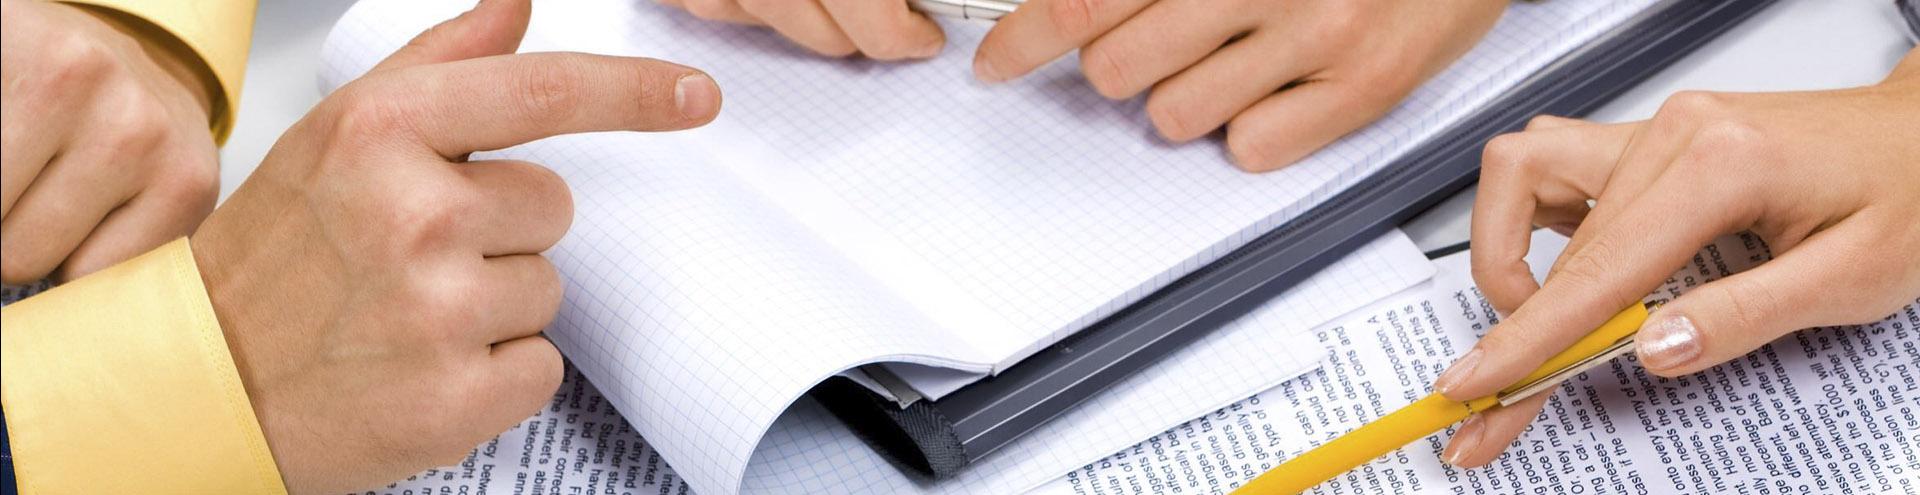 административное дело - рассмотрение административного дела в Калуге